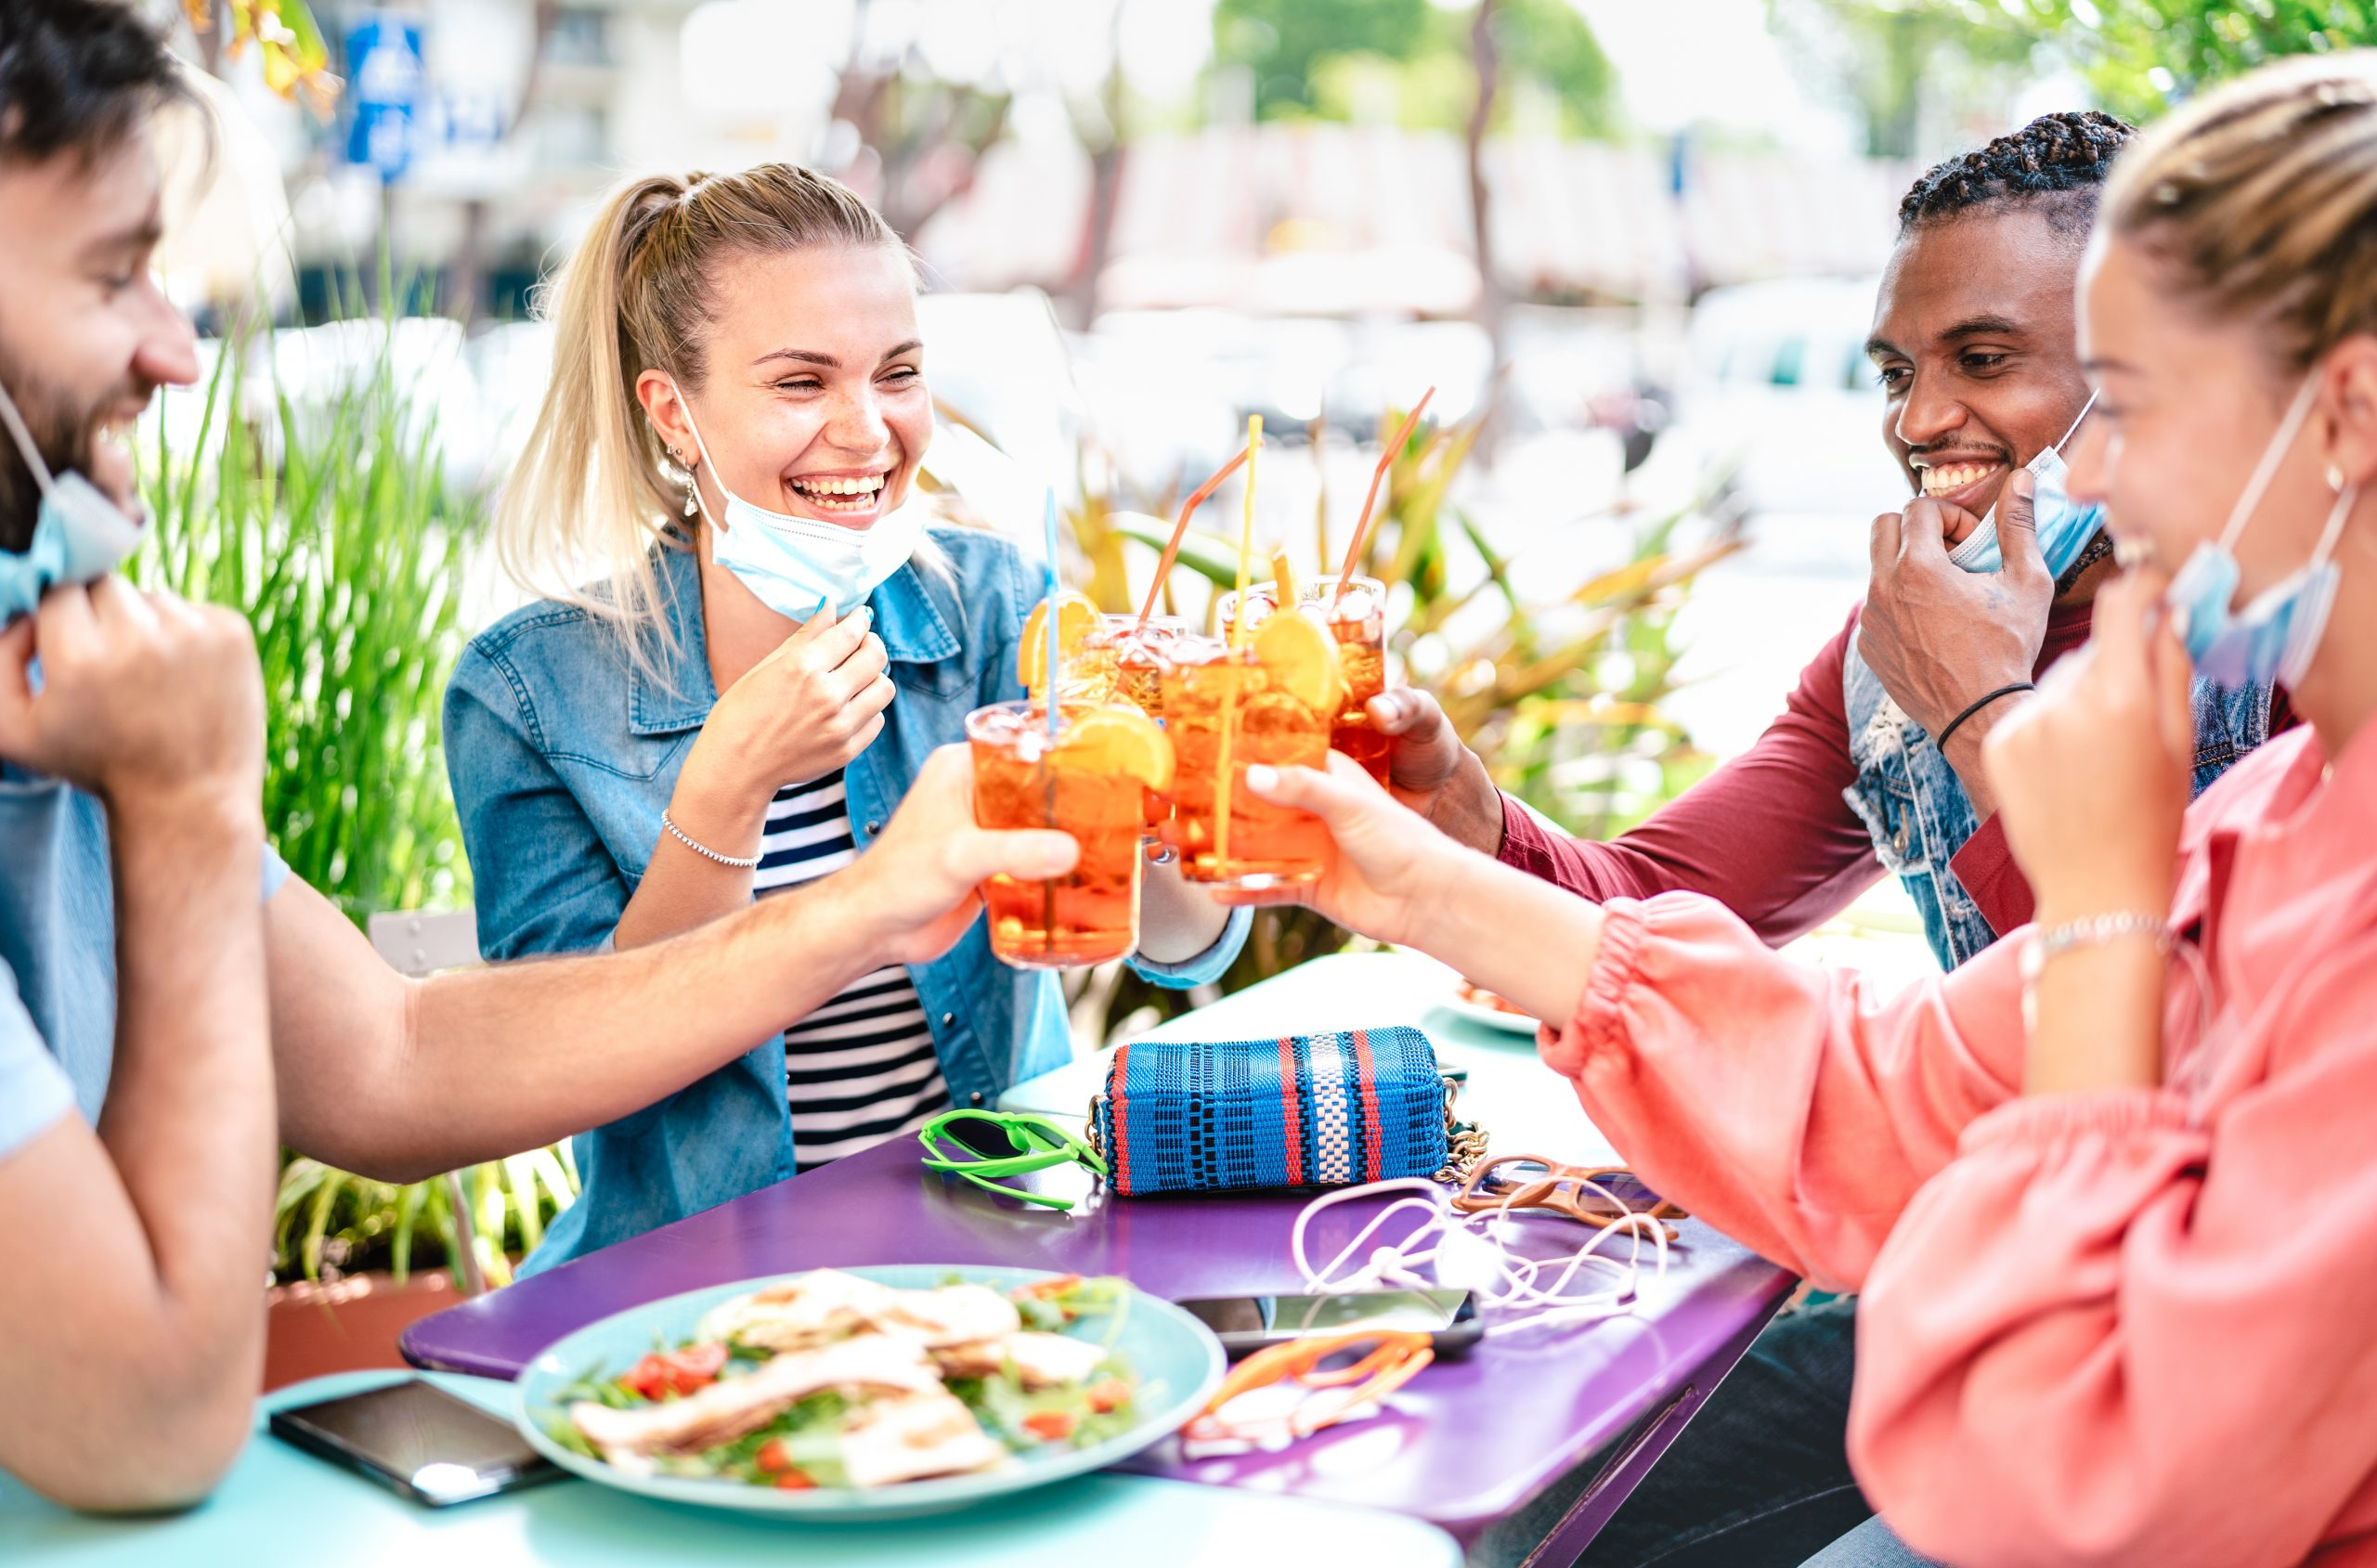 Outdoor Dining Coronavirus